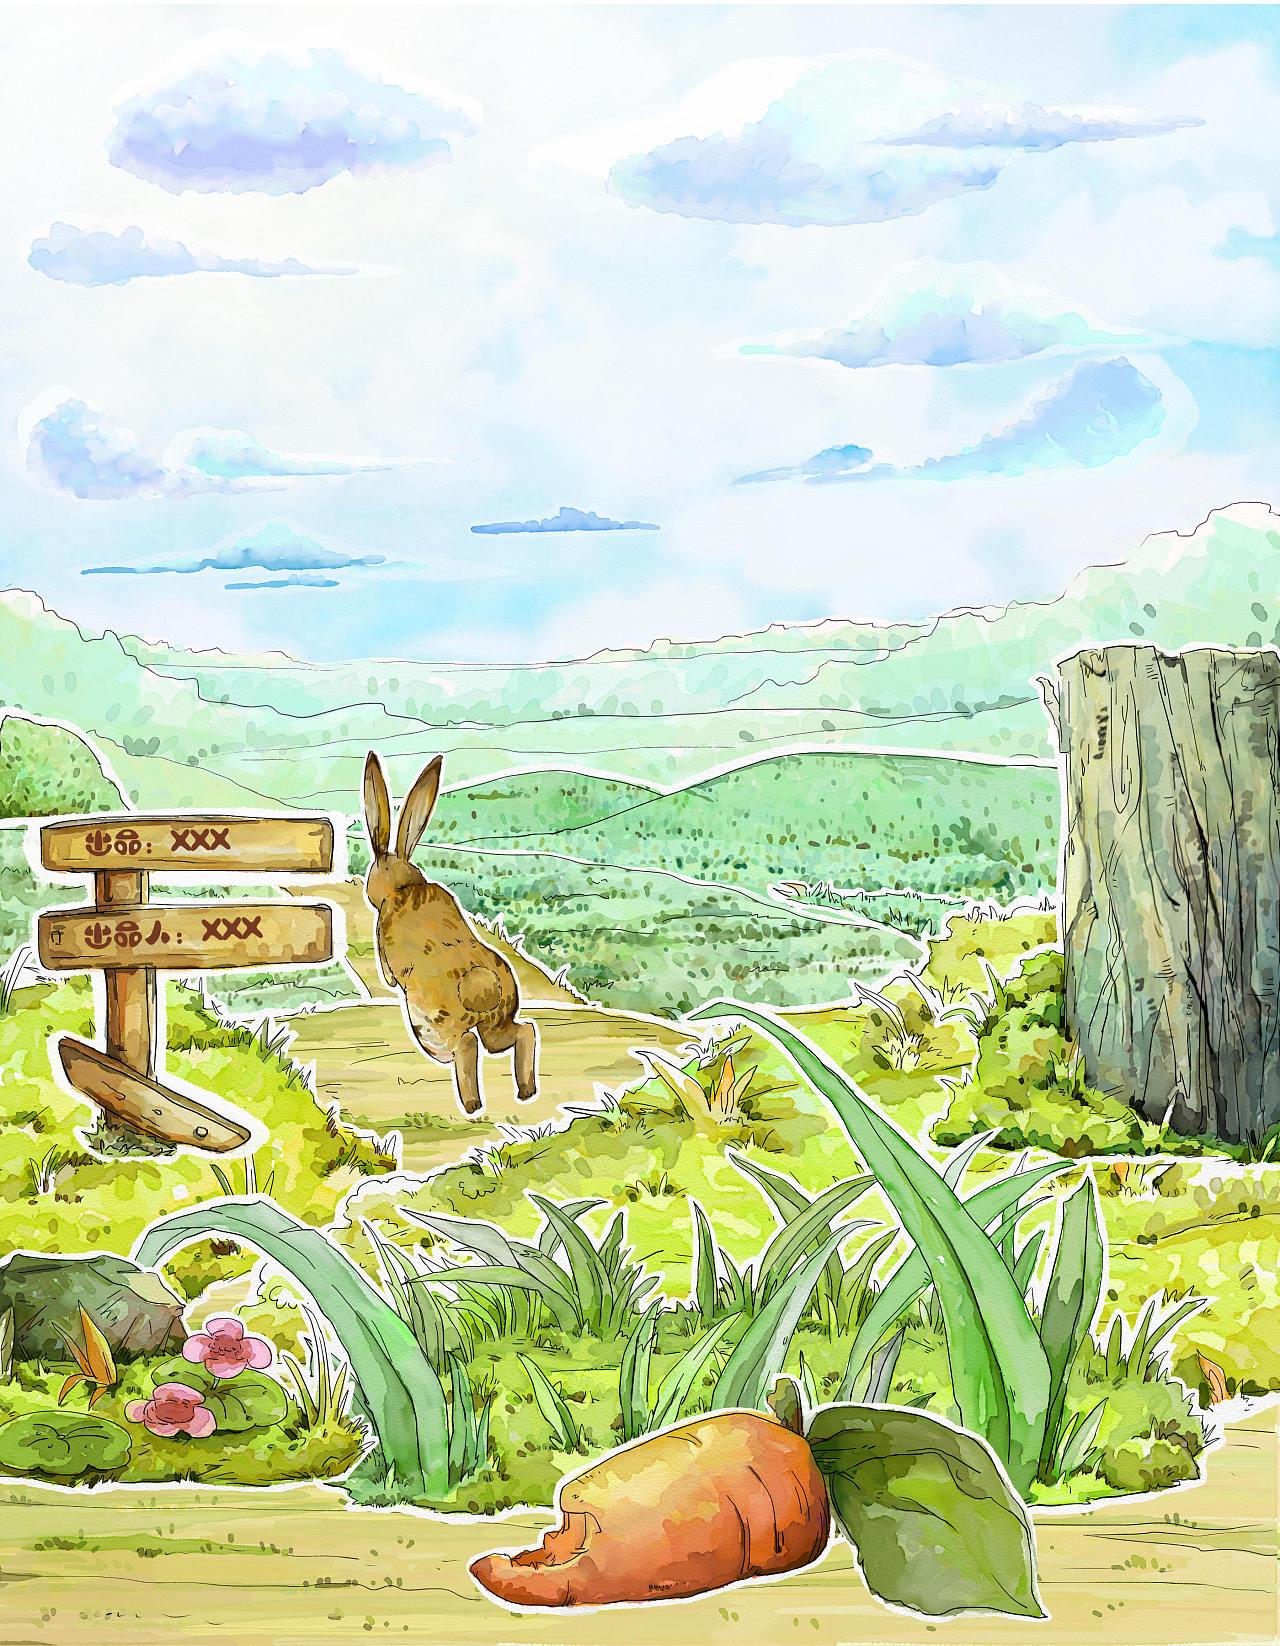 龟兔赛跑 儿童画 - 堆糖,美图壁纸兴趣社区